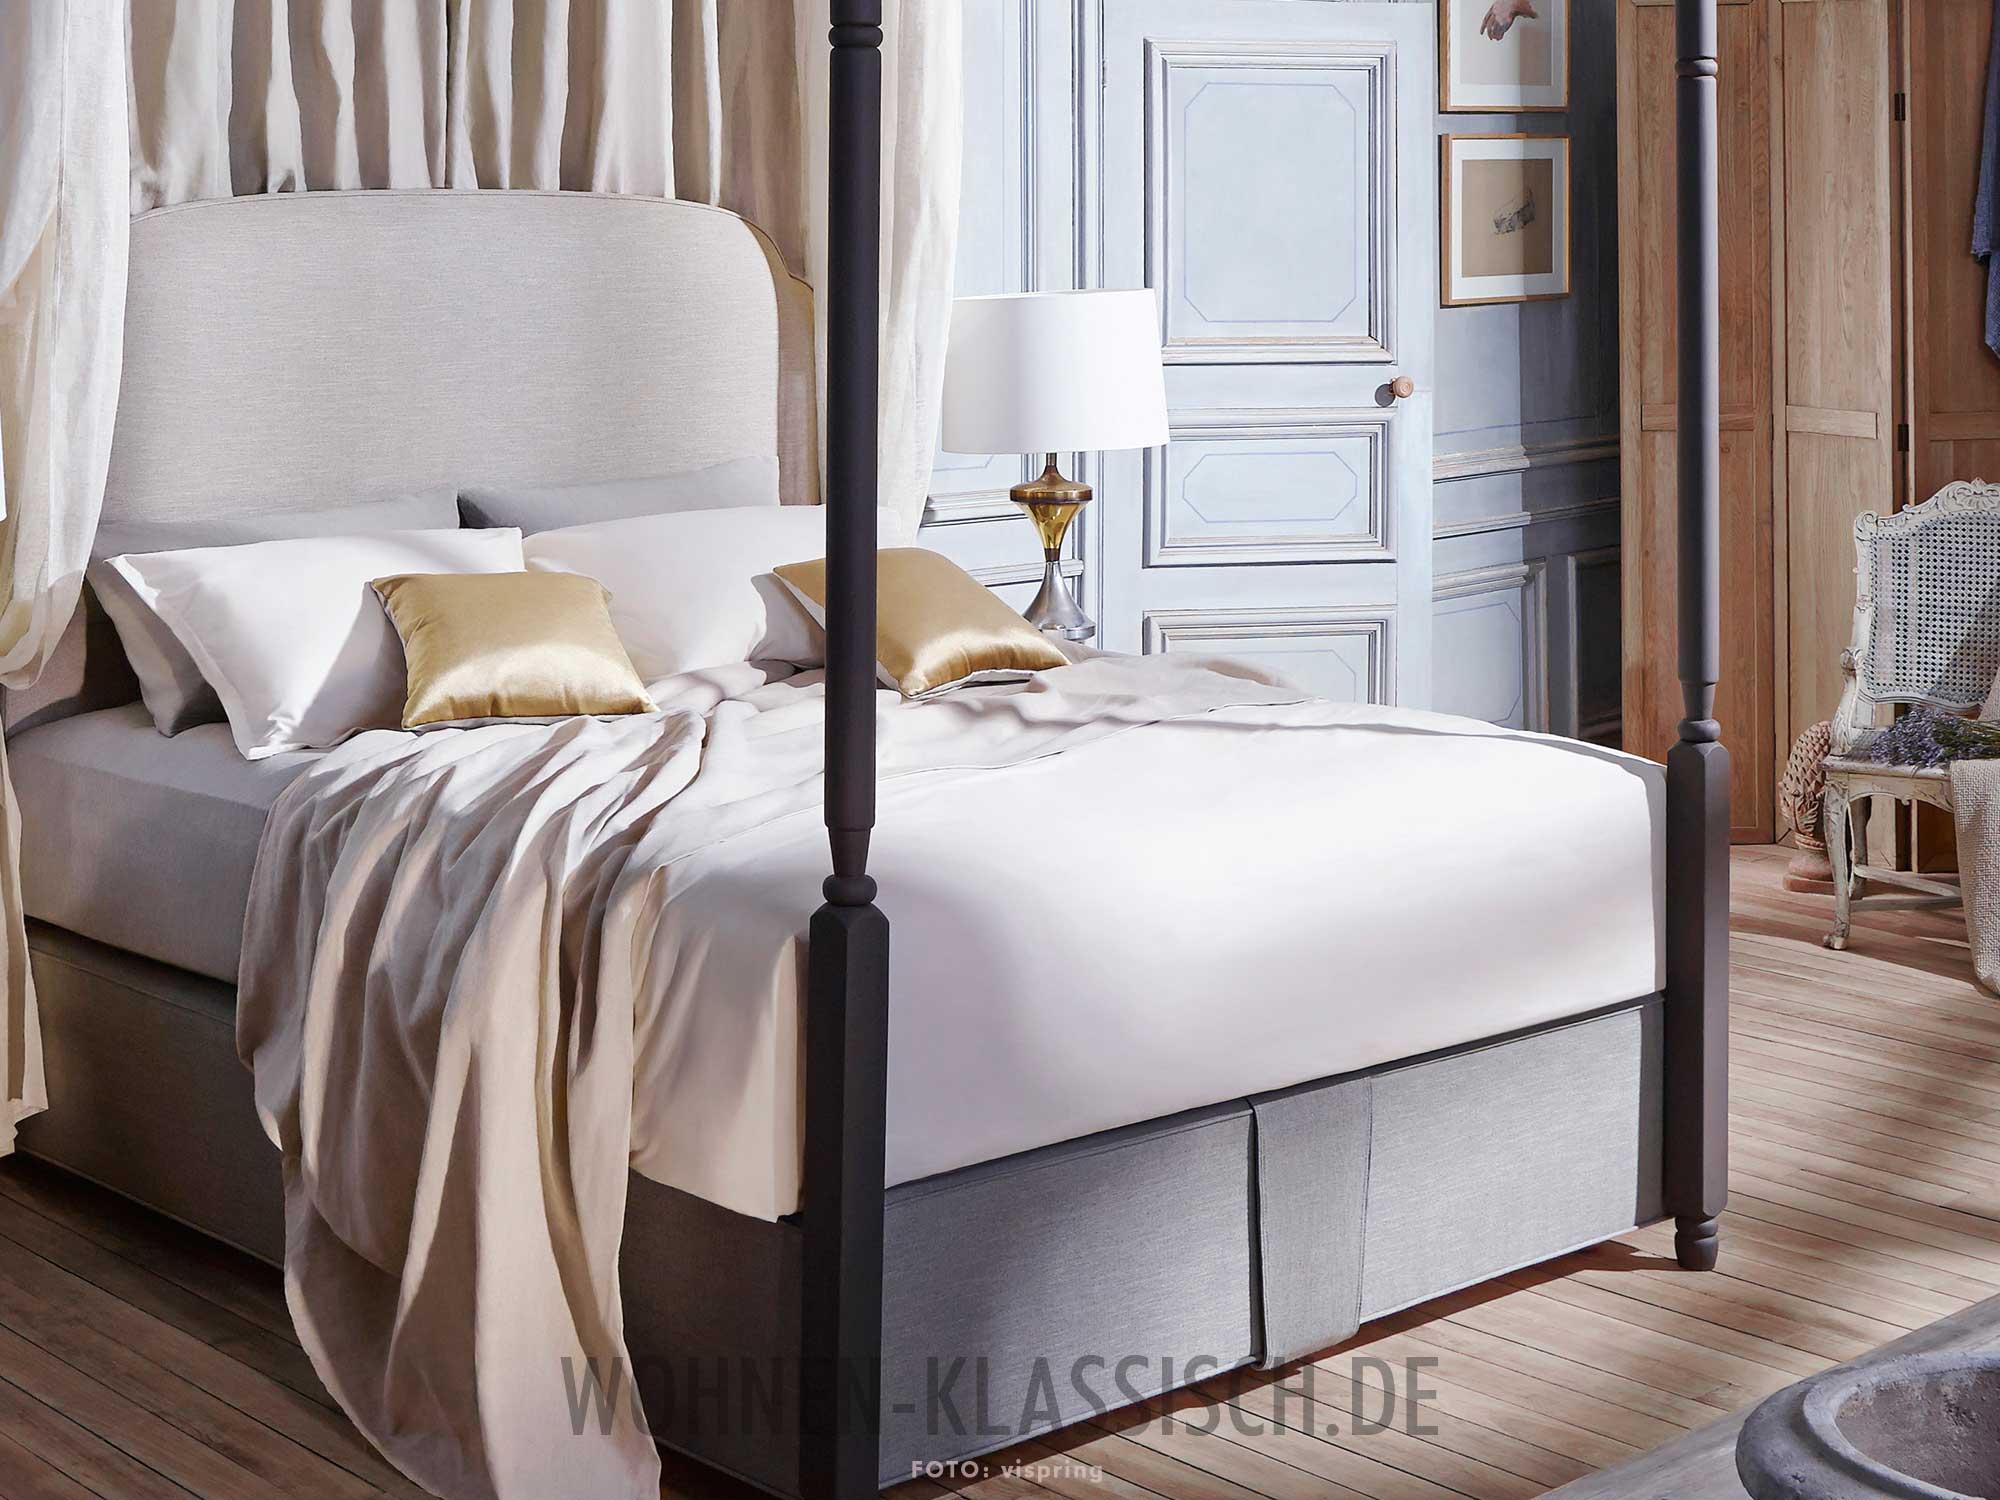 himmlische nachtruhe klassisch wohnen. Black Bedroom Furniture Sets. Home Design Ideas